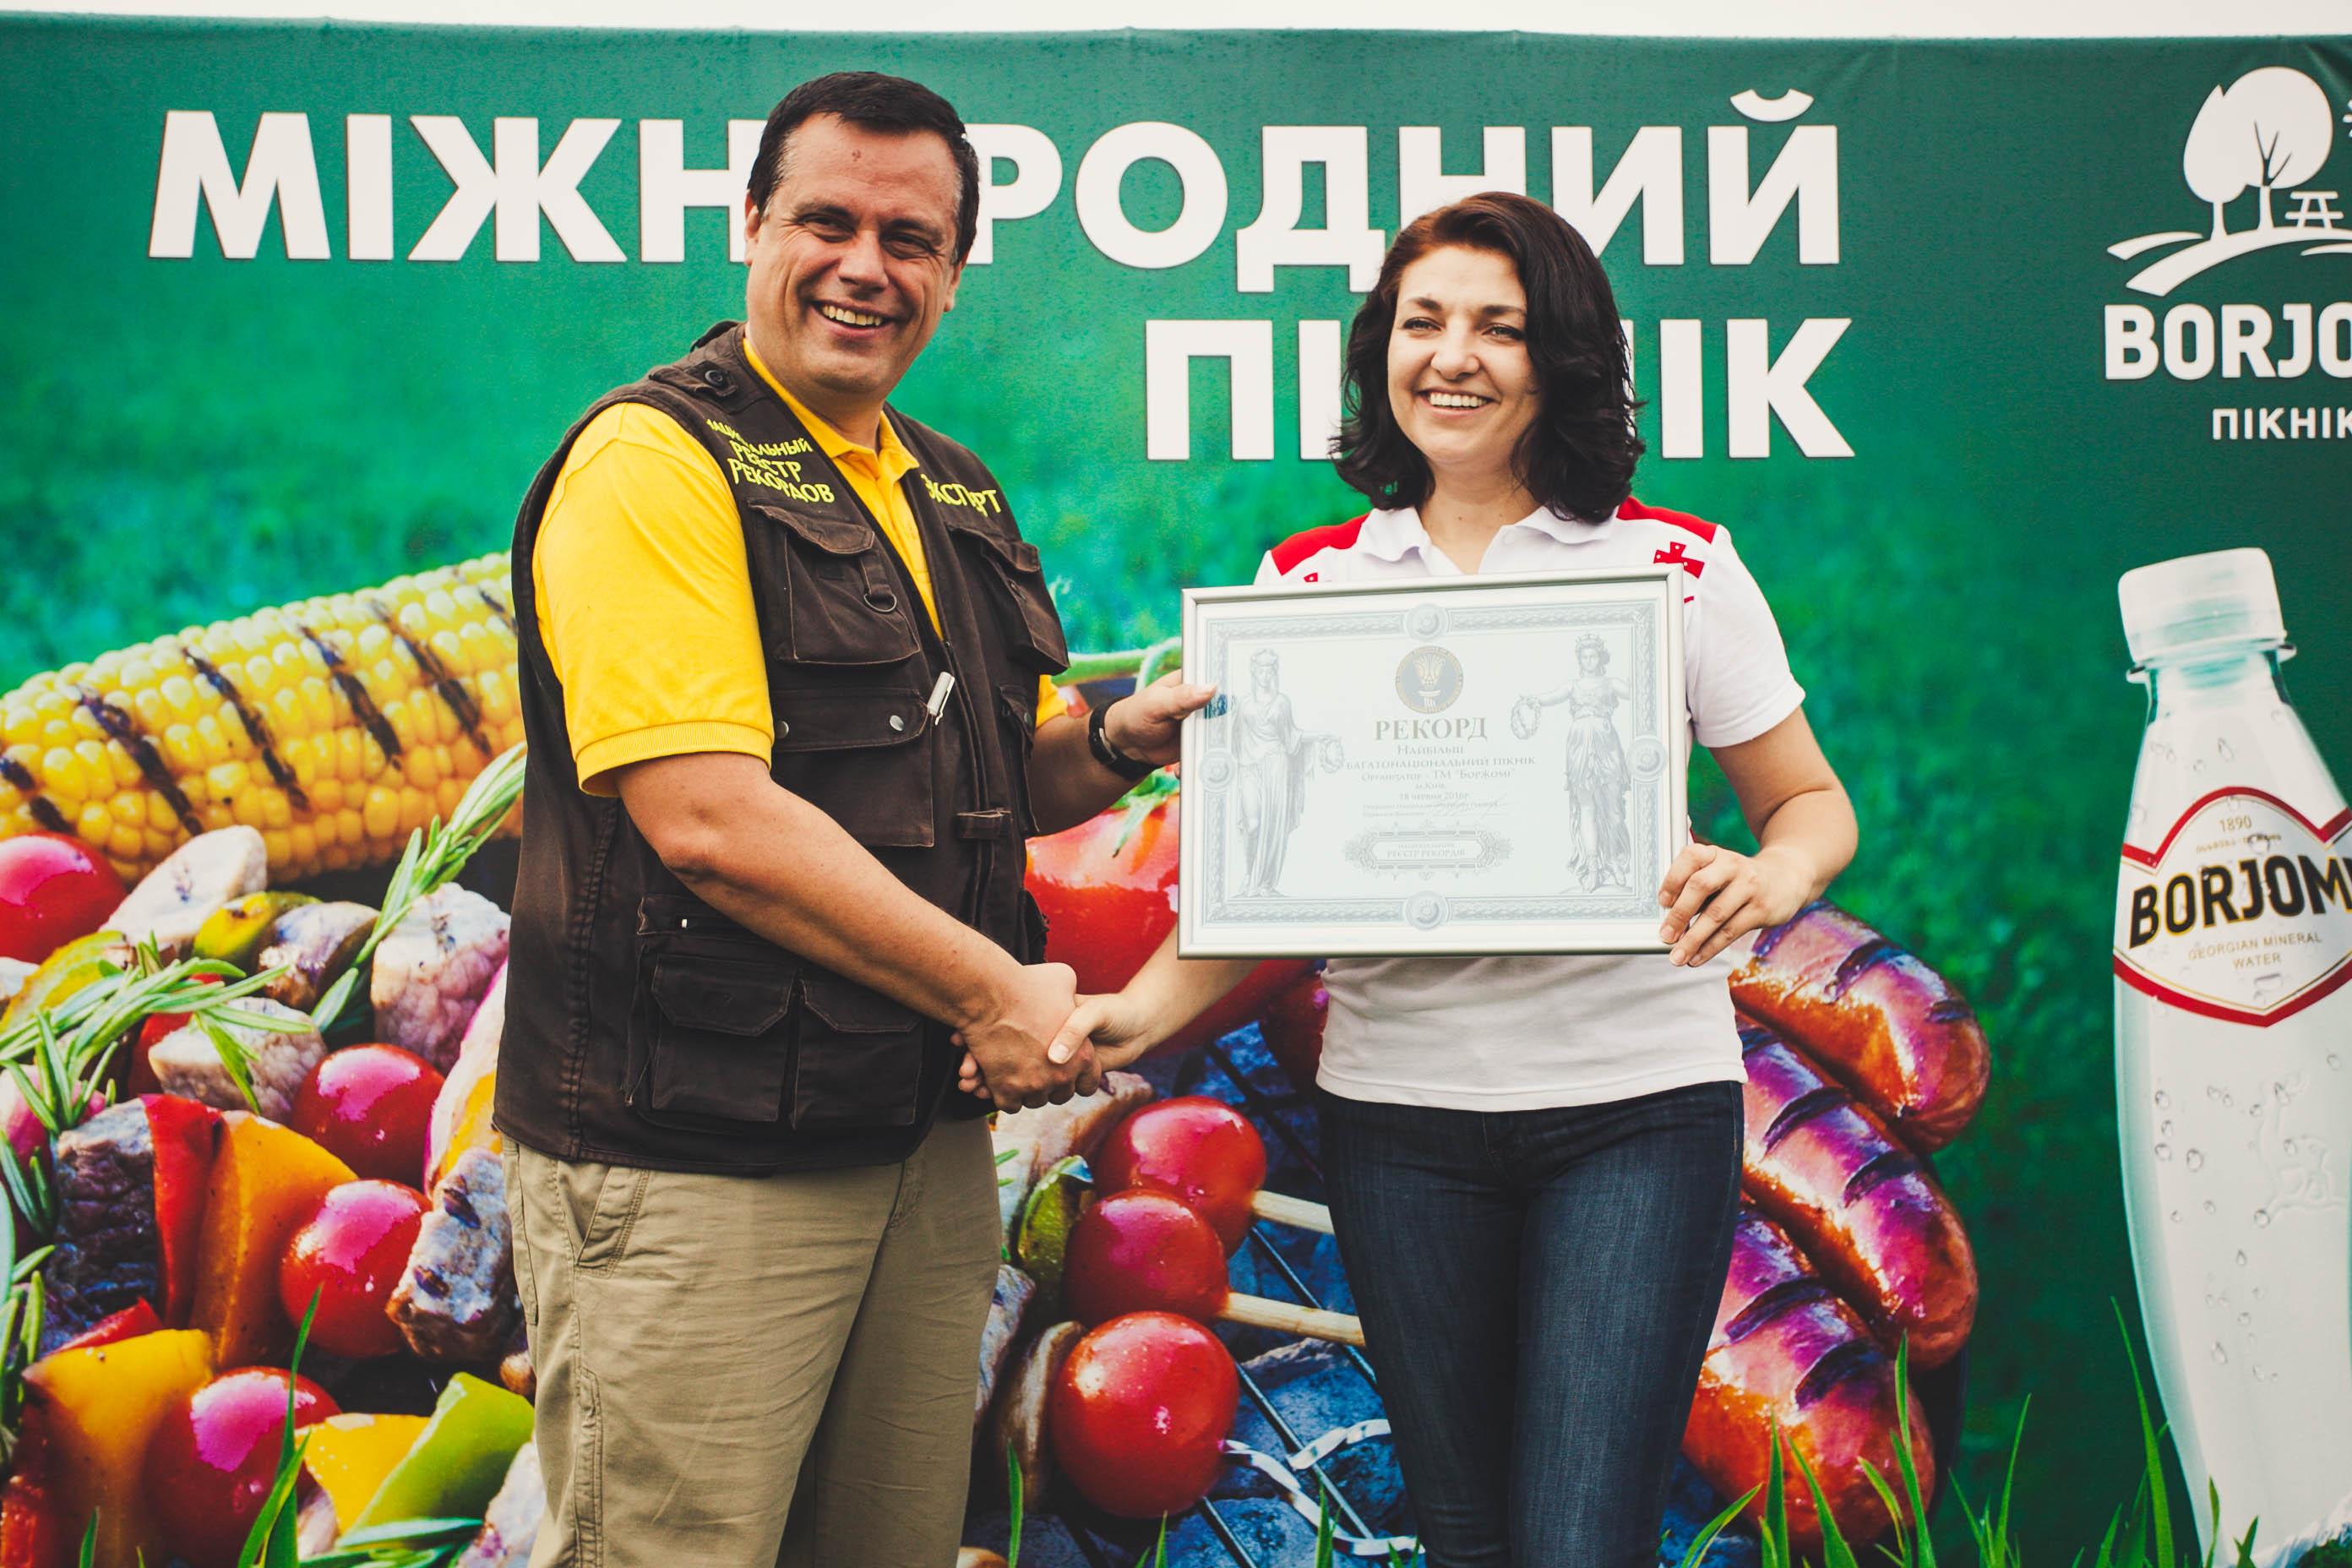 У Києві встановили рекорд на найбільш багатонаціональний пікнік - фото 2